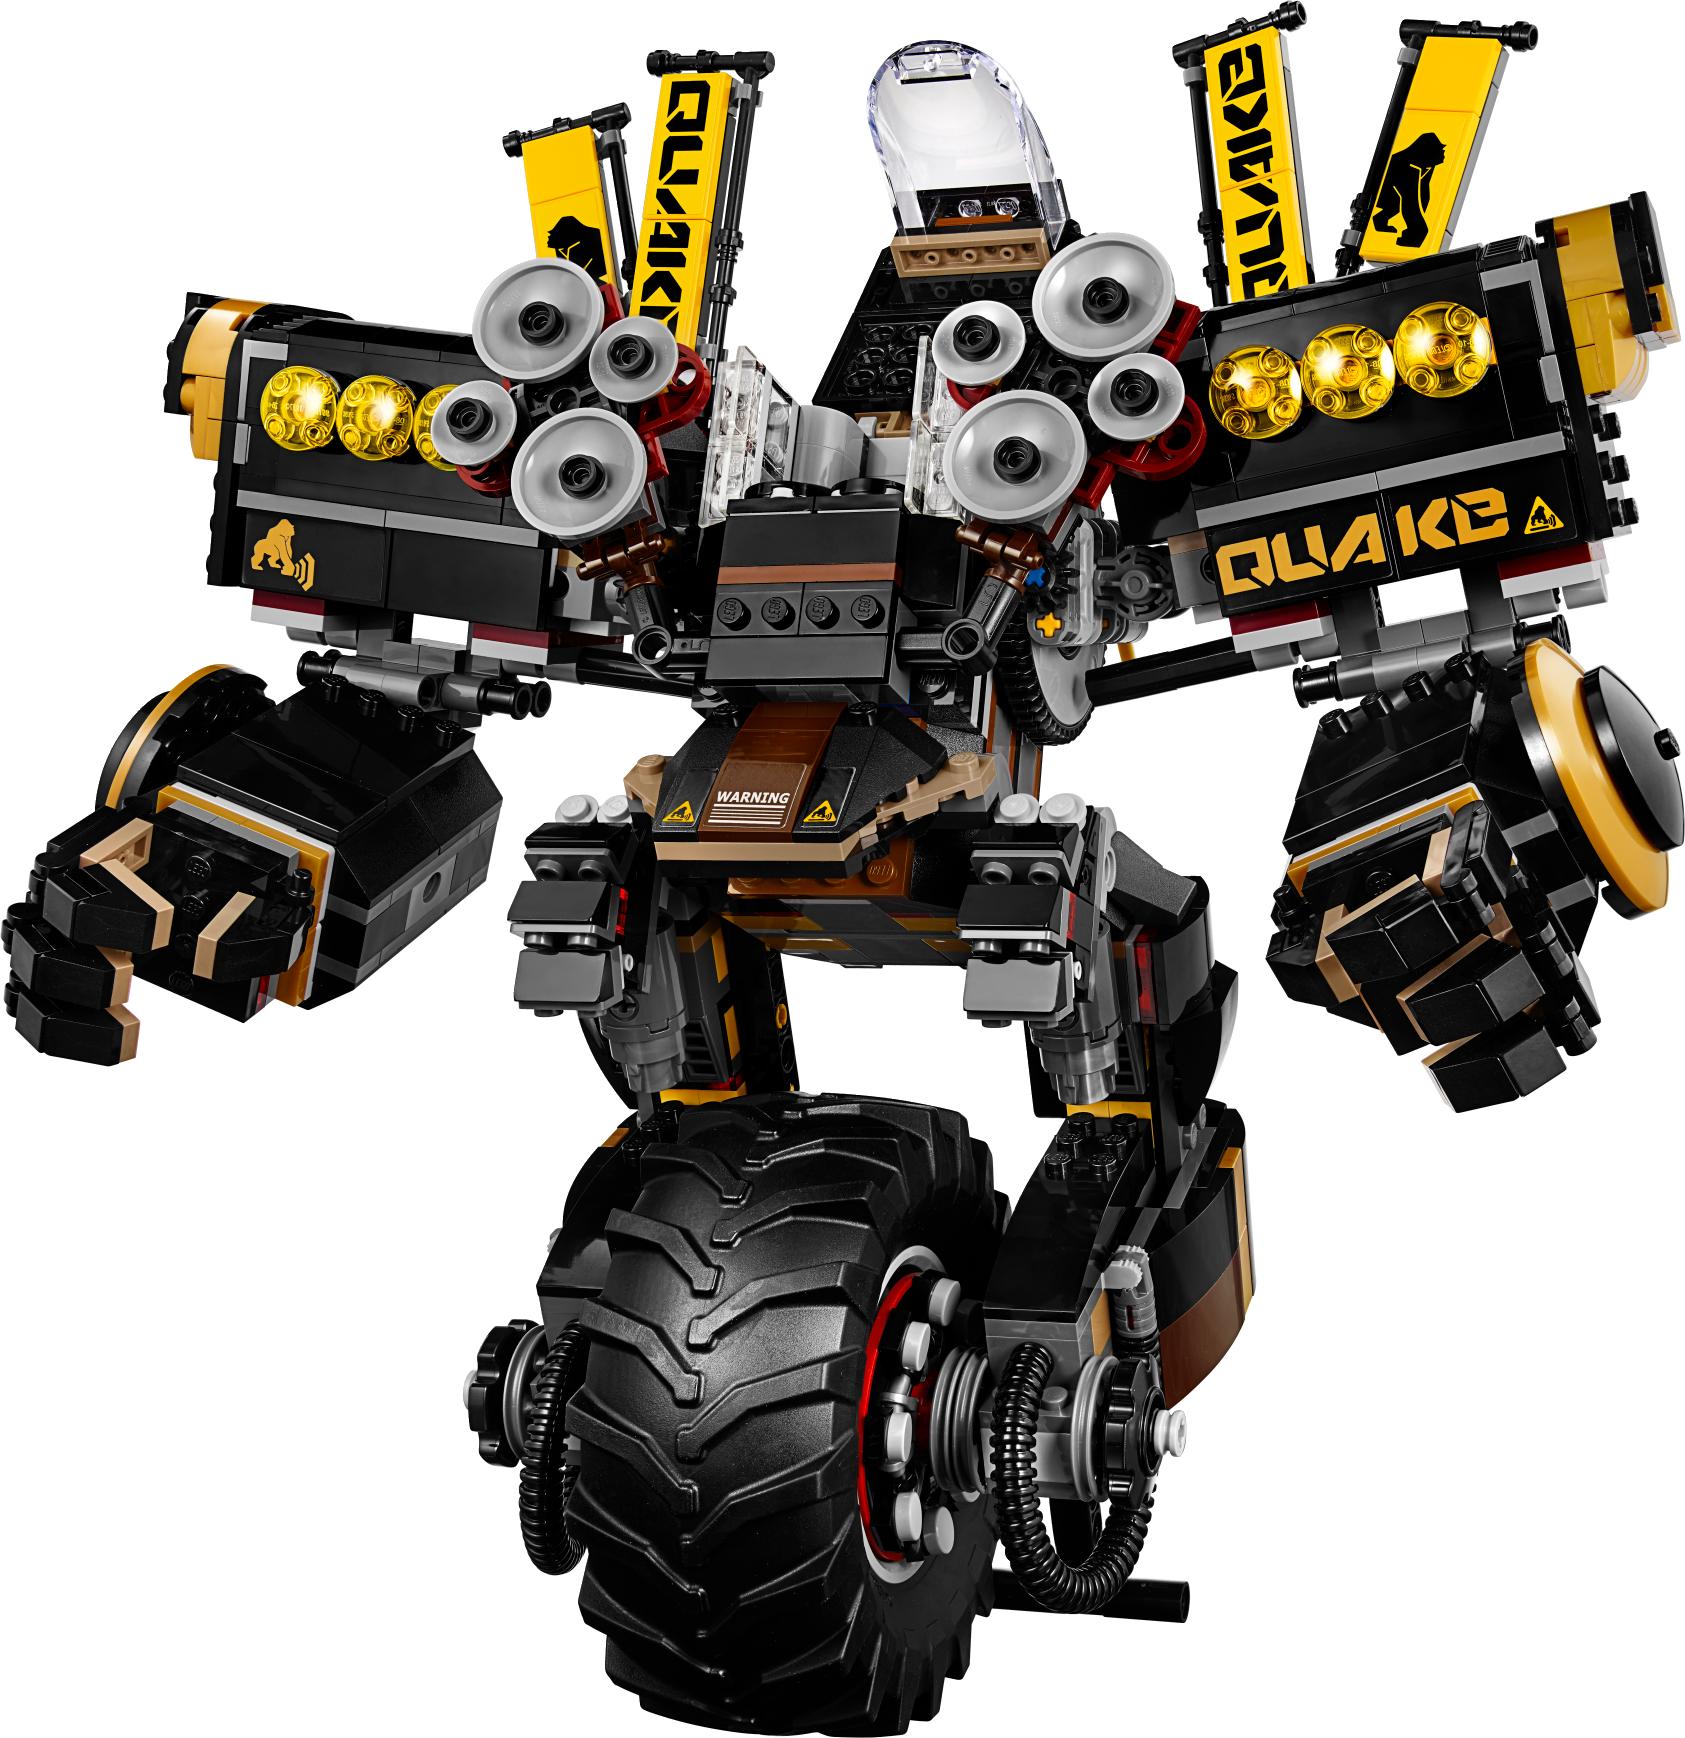 Quake Mech